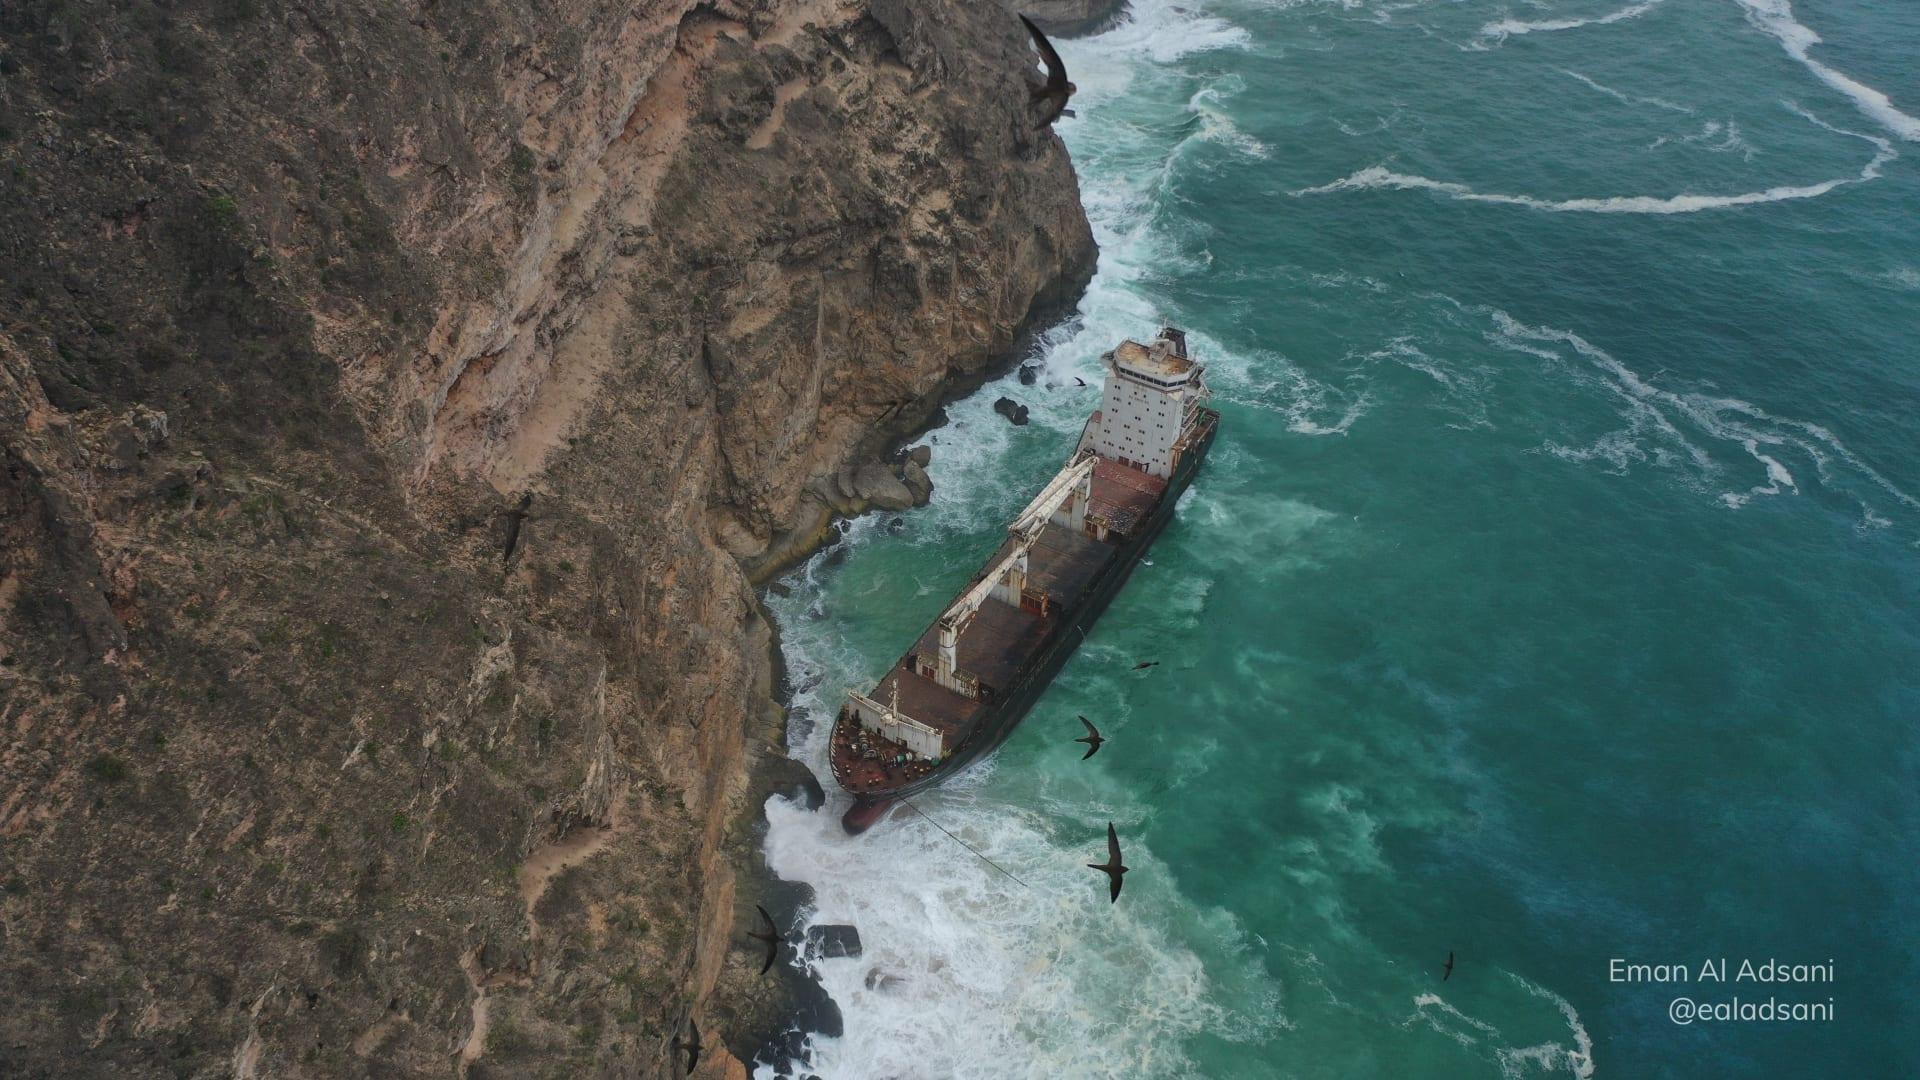 السفينة الجانحة في محافظة ظفار في سلطنة عمان